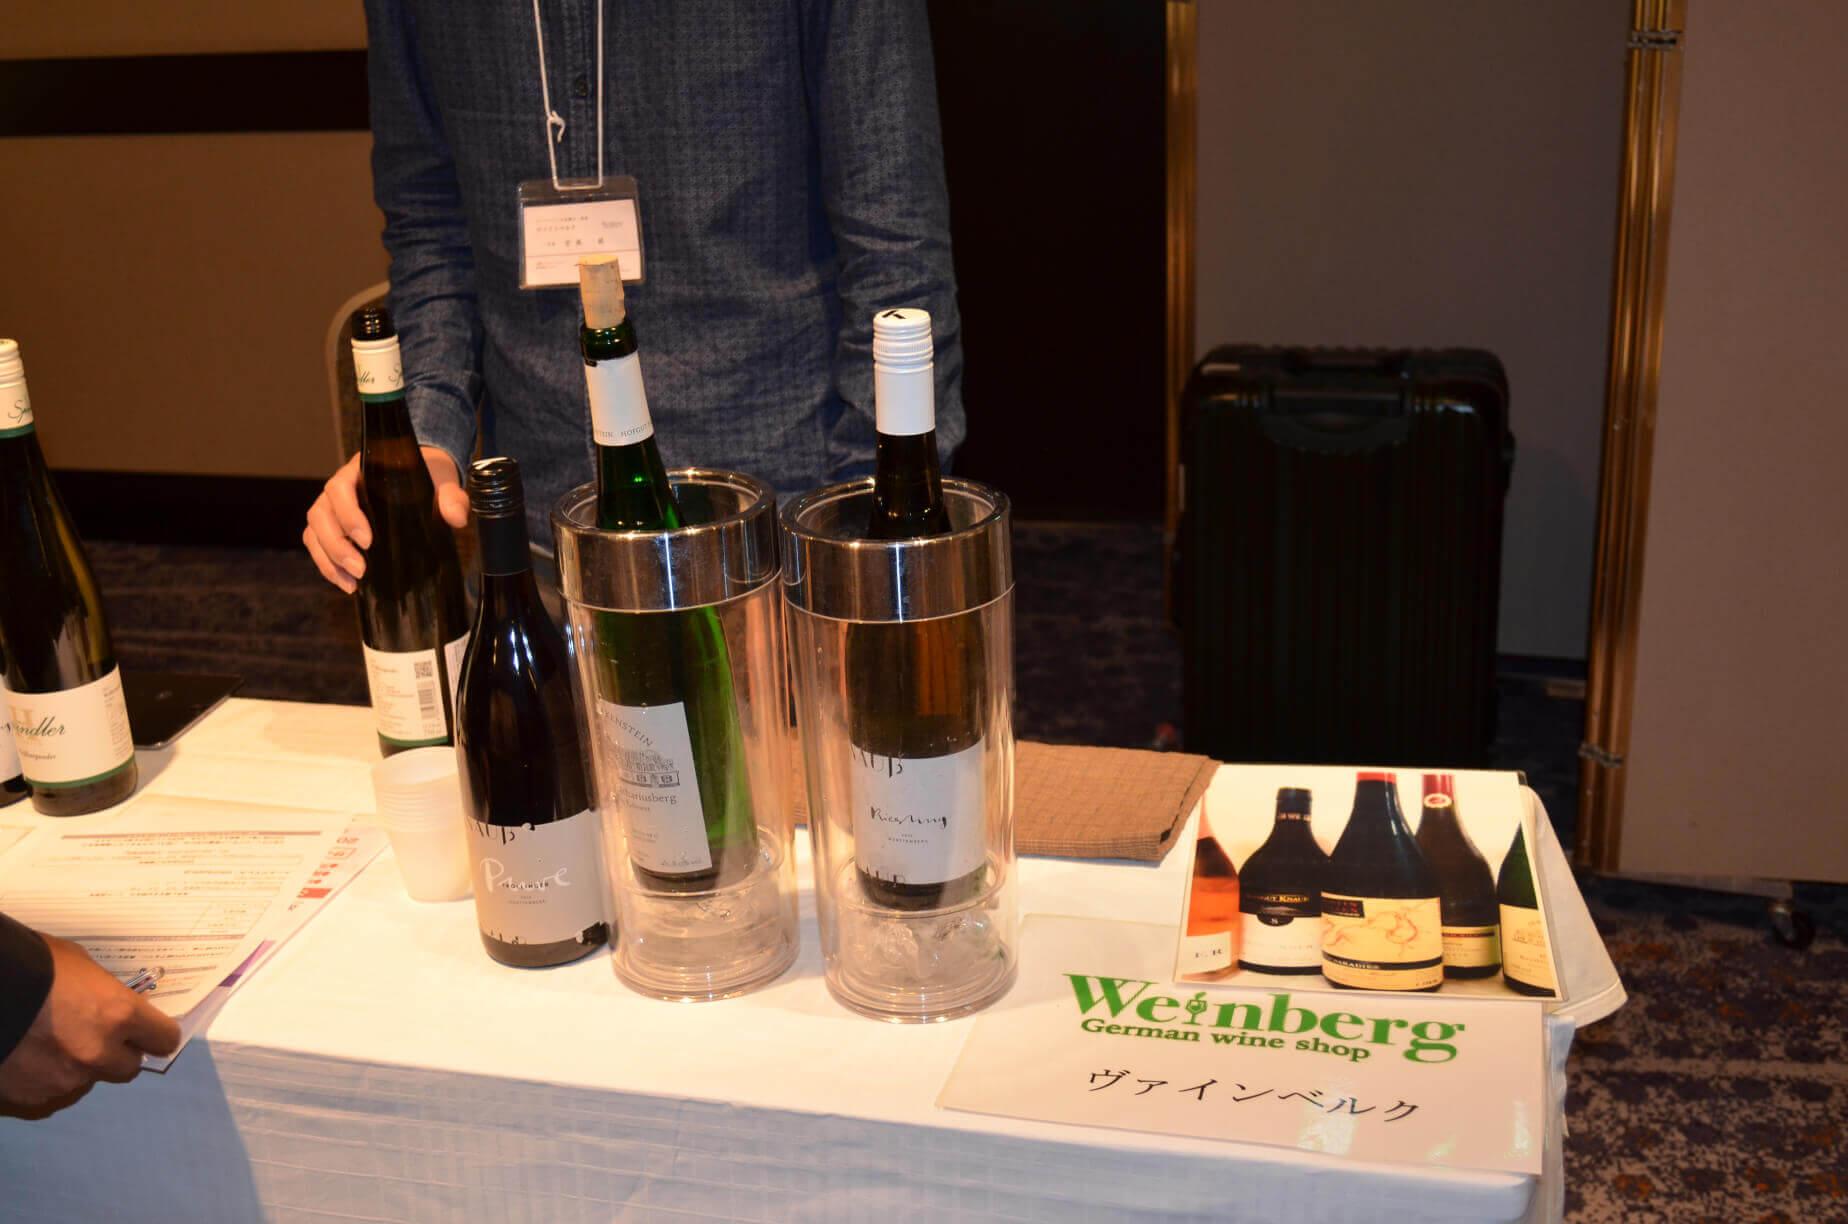 ドイツワインショップヴァインベルクバーチャルEXPO2018キャッチコピー画像